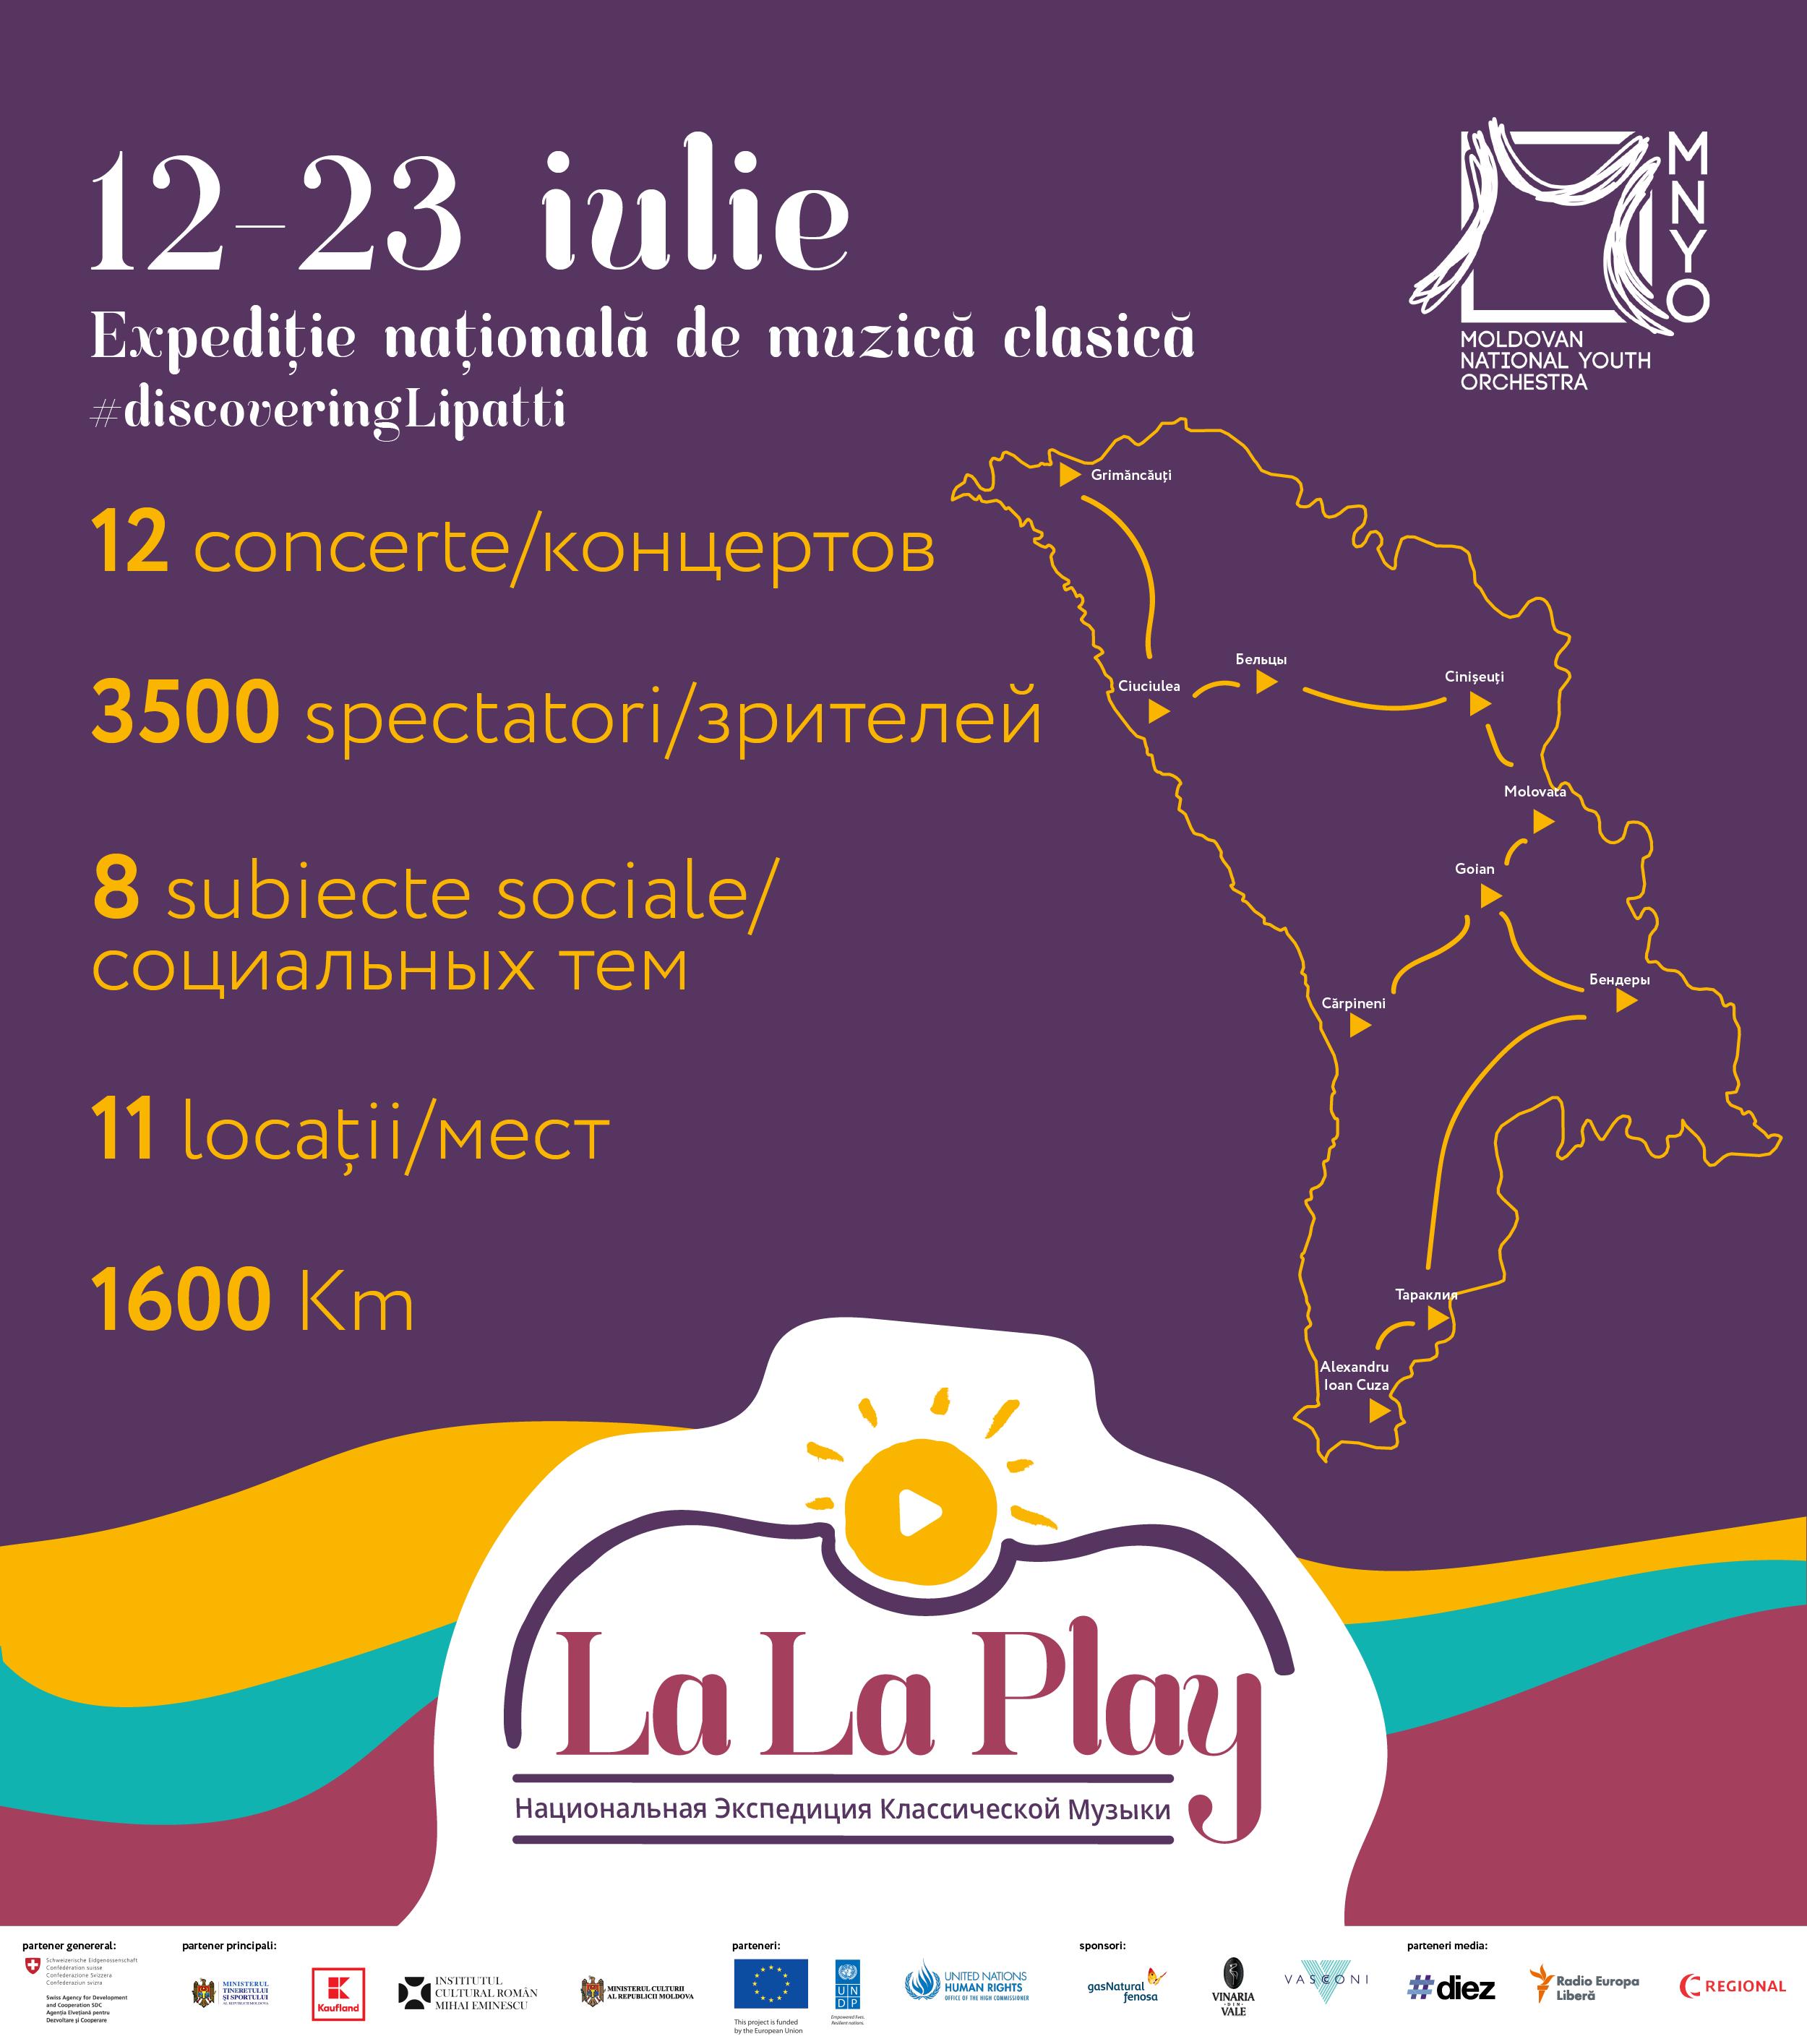 13088-la-la-play